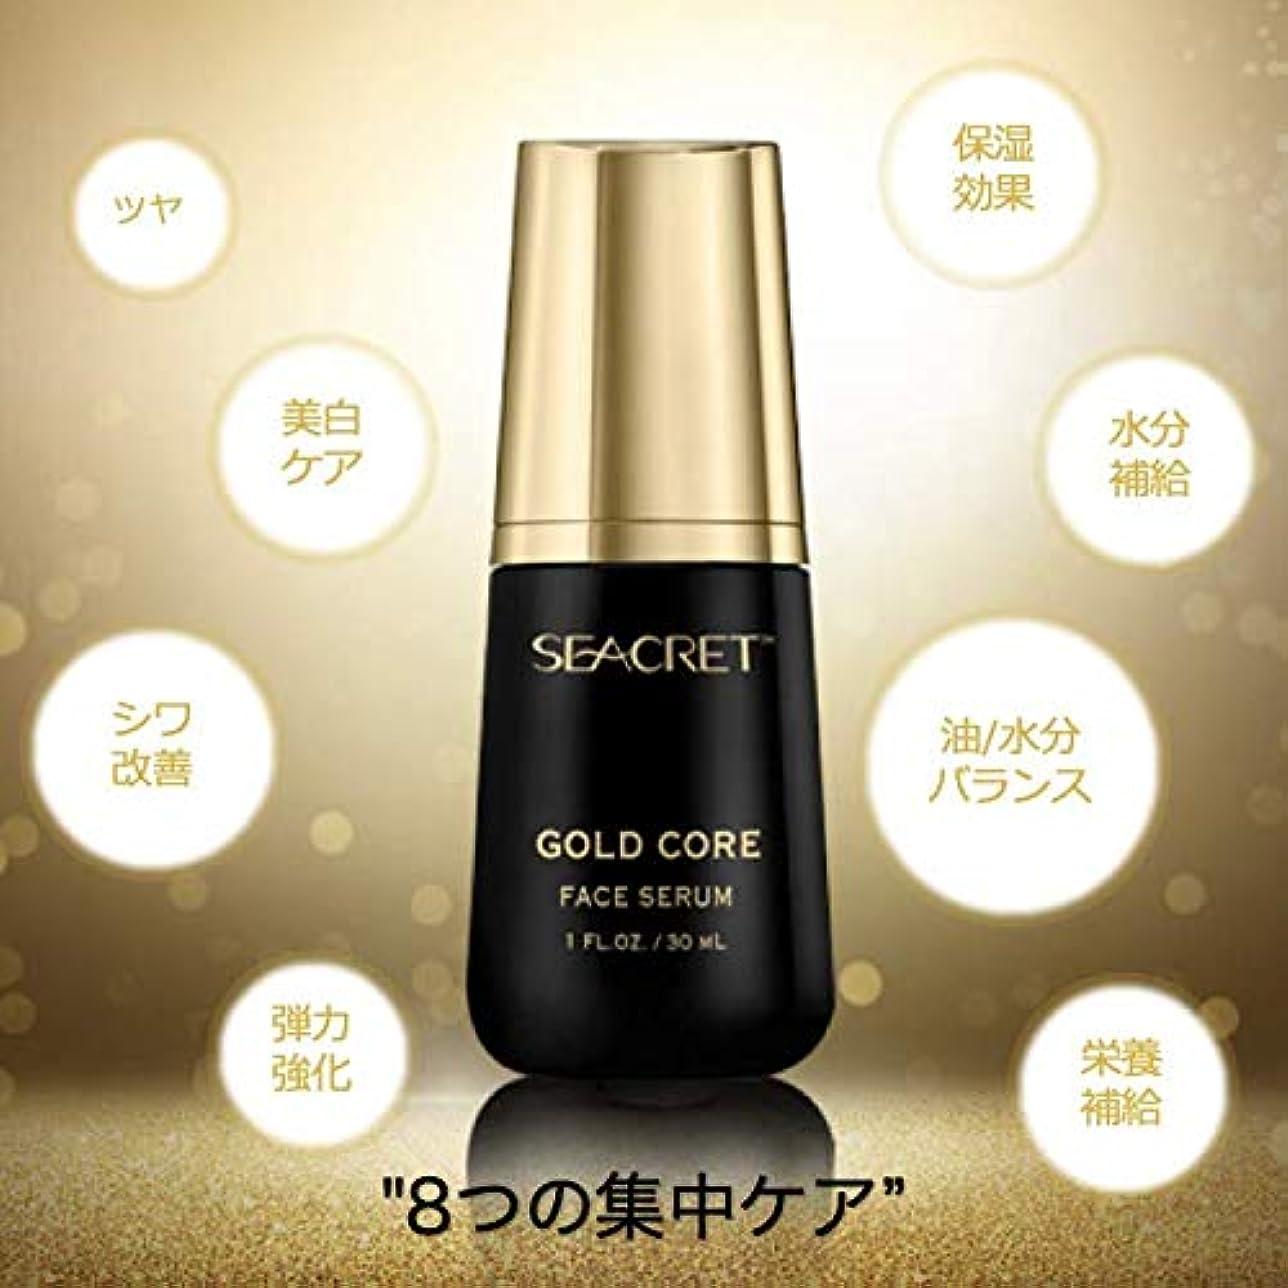 上向き意味エイリアスSEACRET(シークレット) 24K金 タイムレスフェイスセーラム GOLD CORE TIMELESS FACE SERUM 30ML